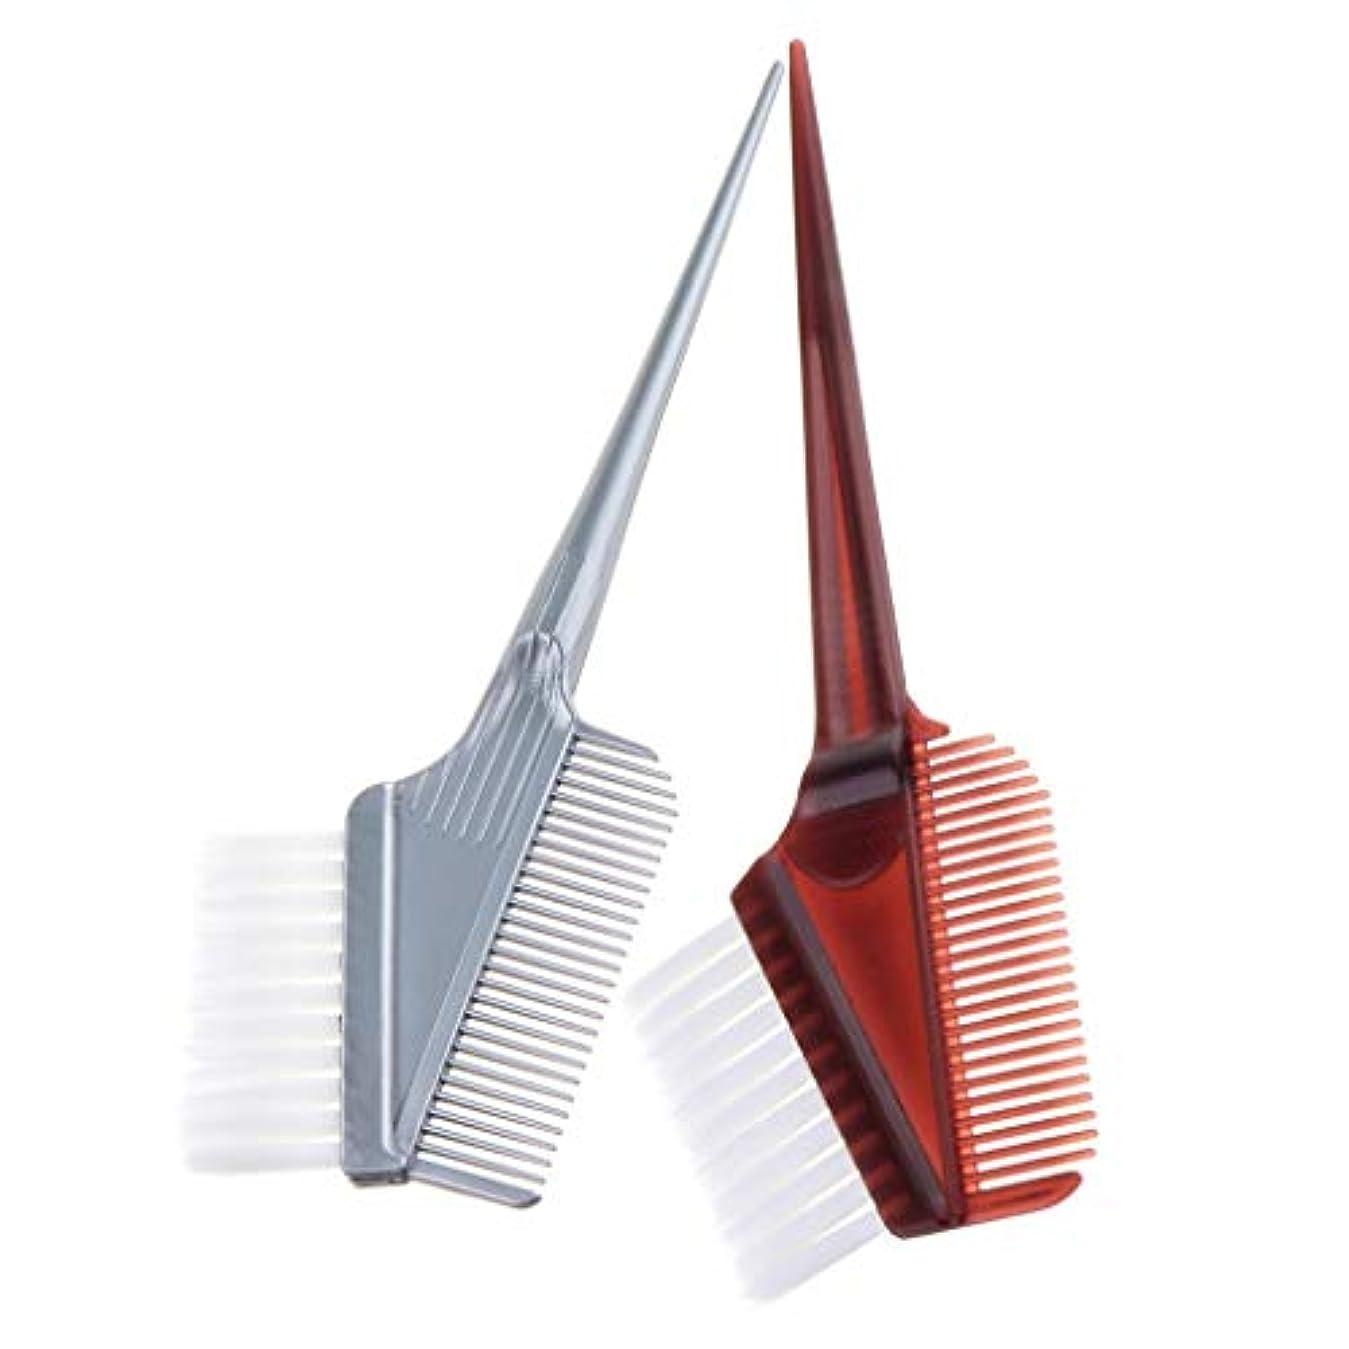 野ウサギリングレットDYNWAVE ヘアダイブラシ ヘアカラー 毛染め ヘアダイコーム 髪染め プラスチック 家庭用 美容師